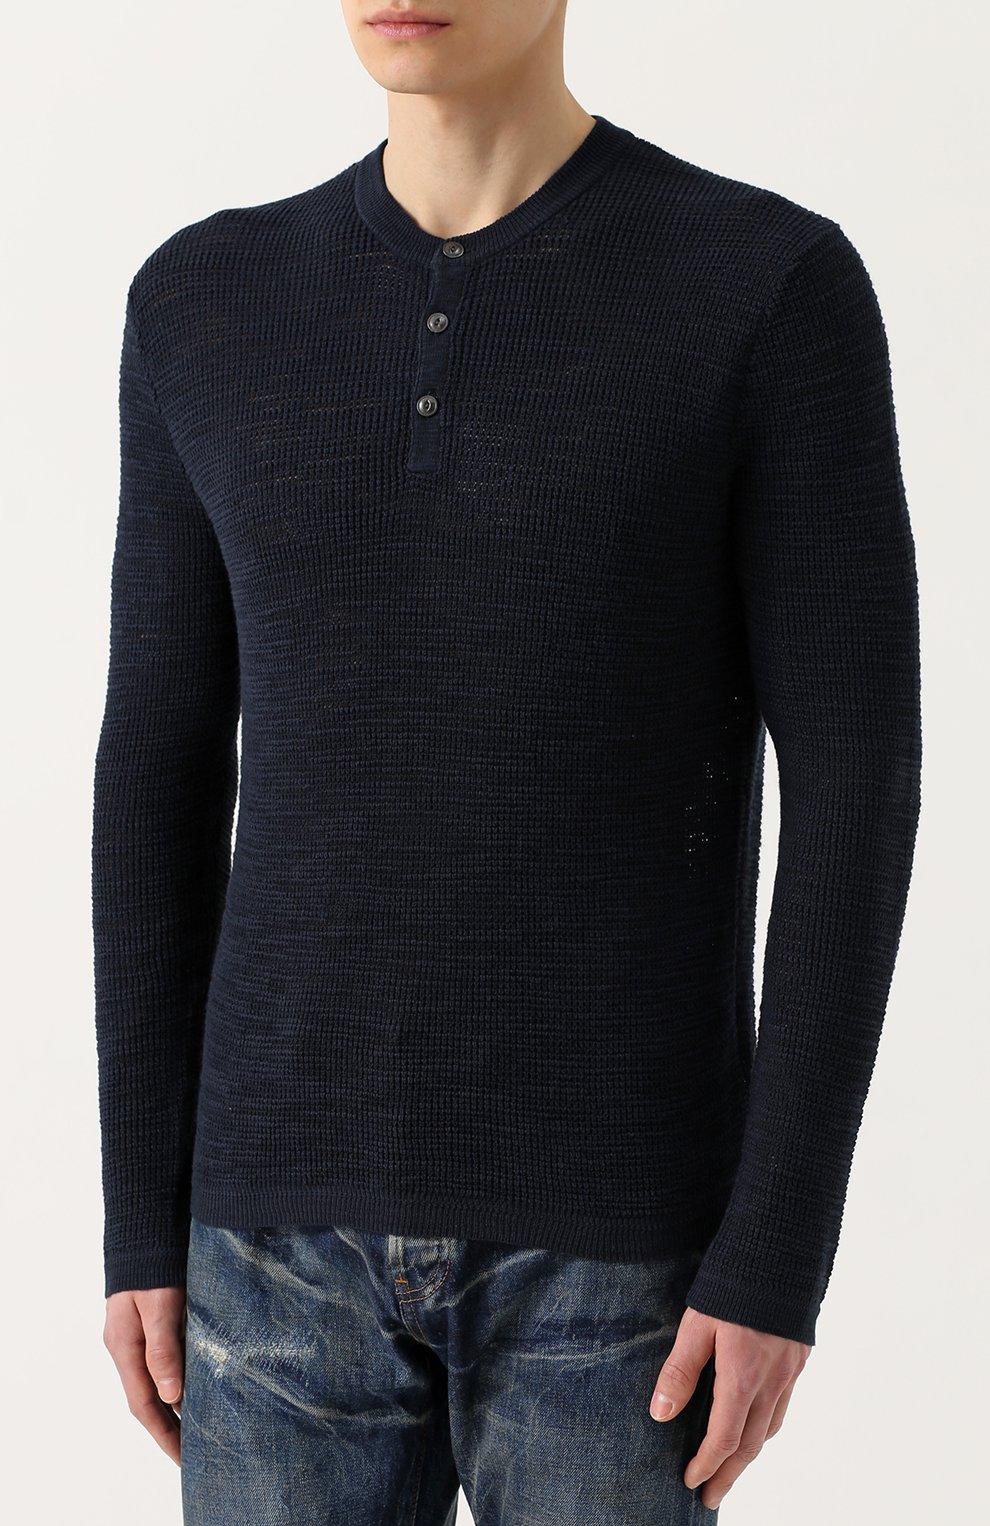 Джемпер фактурной вязки из смеси хлопка и льна | Фото №3